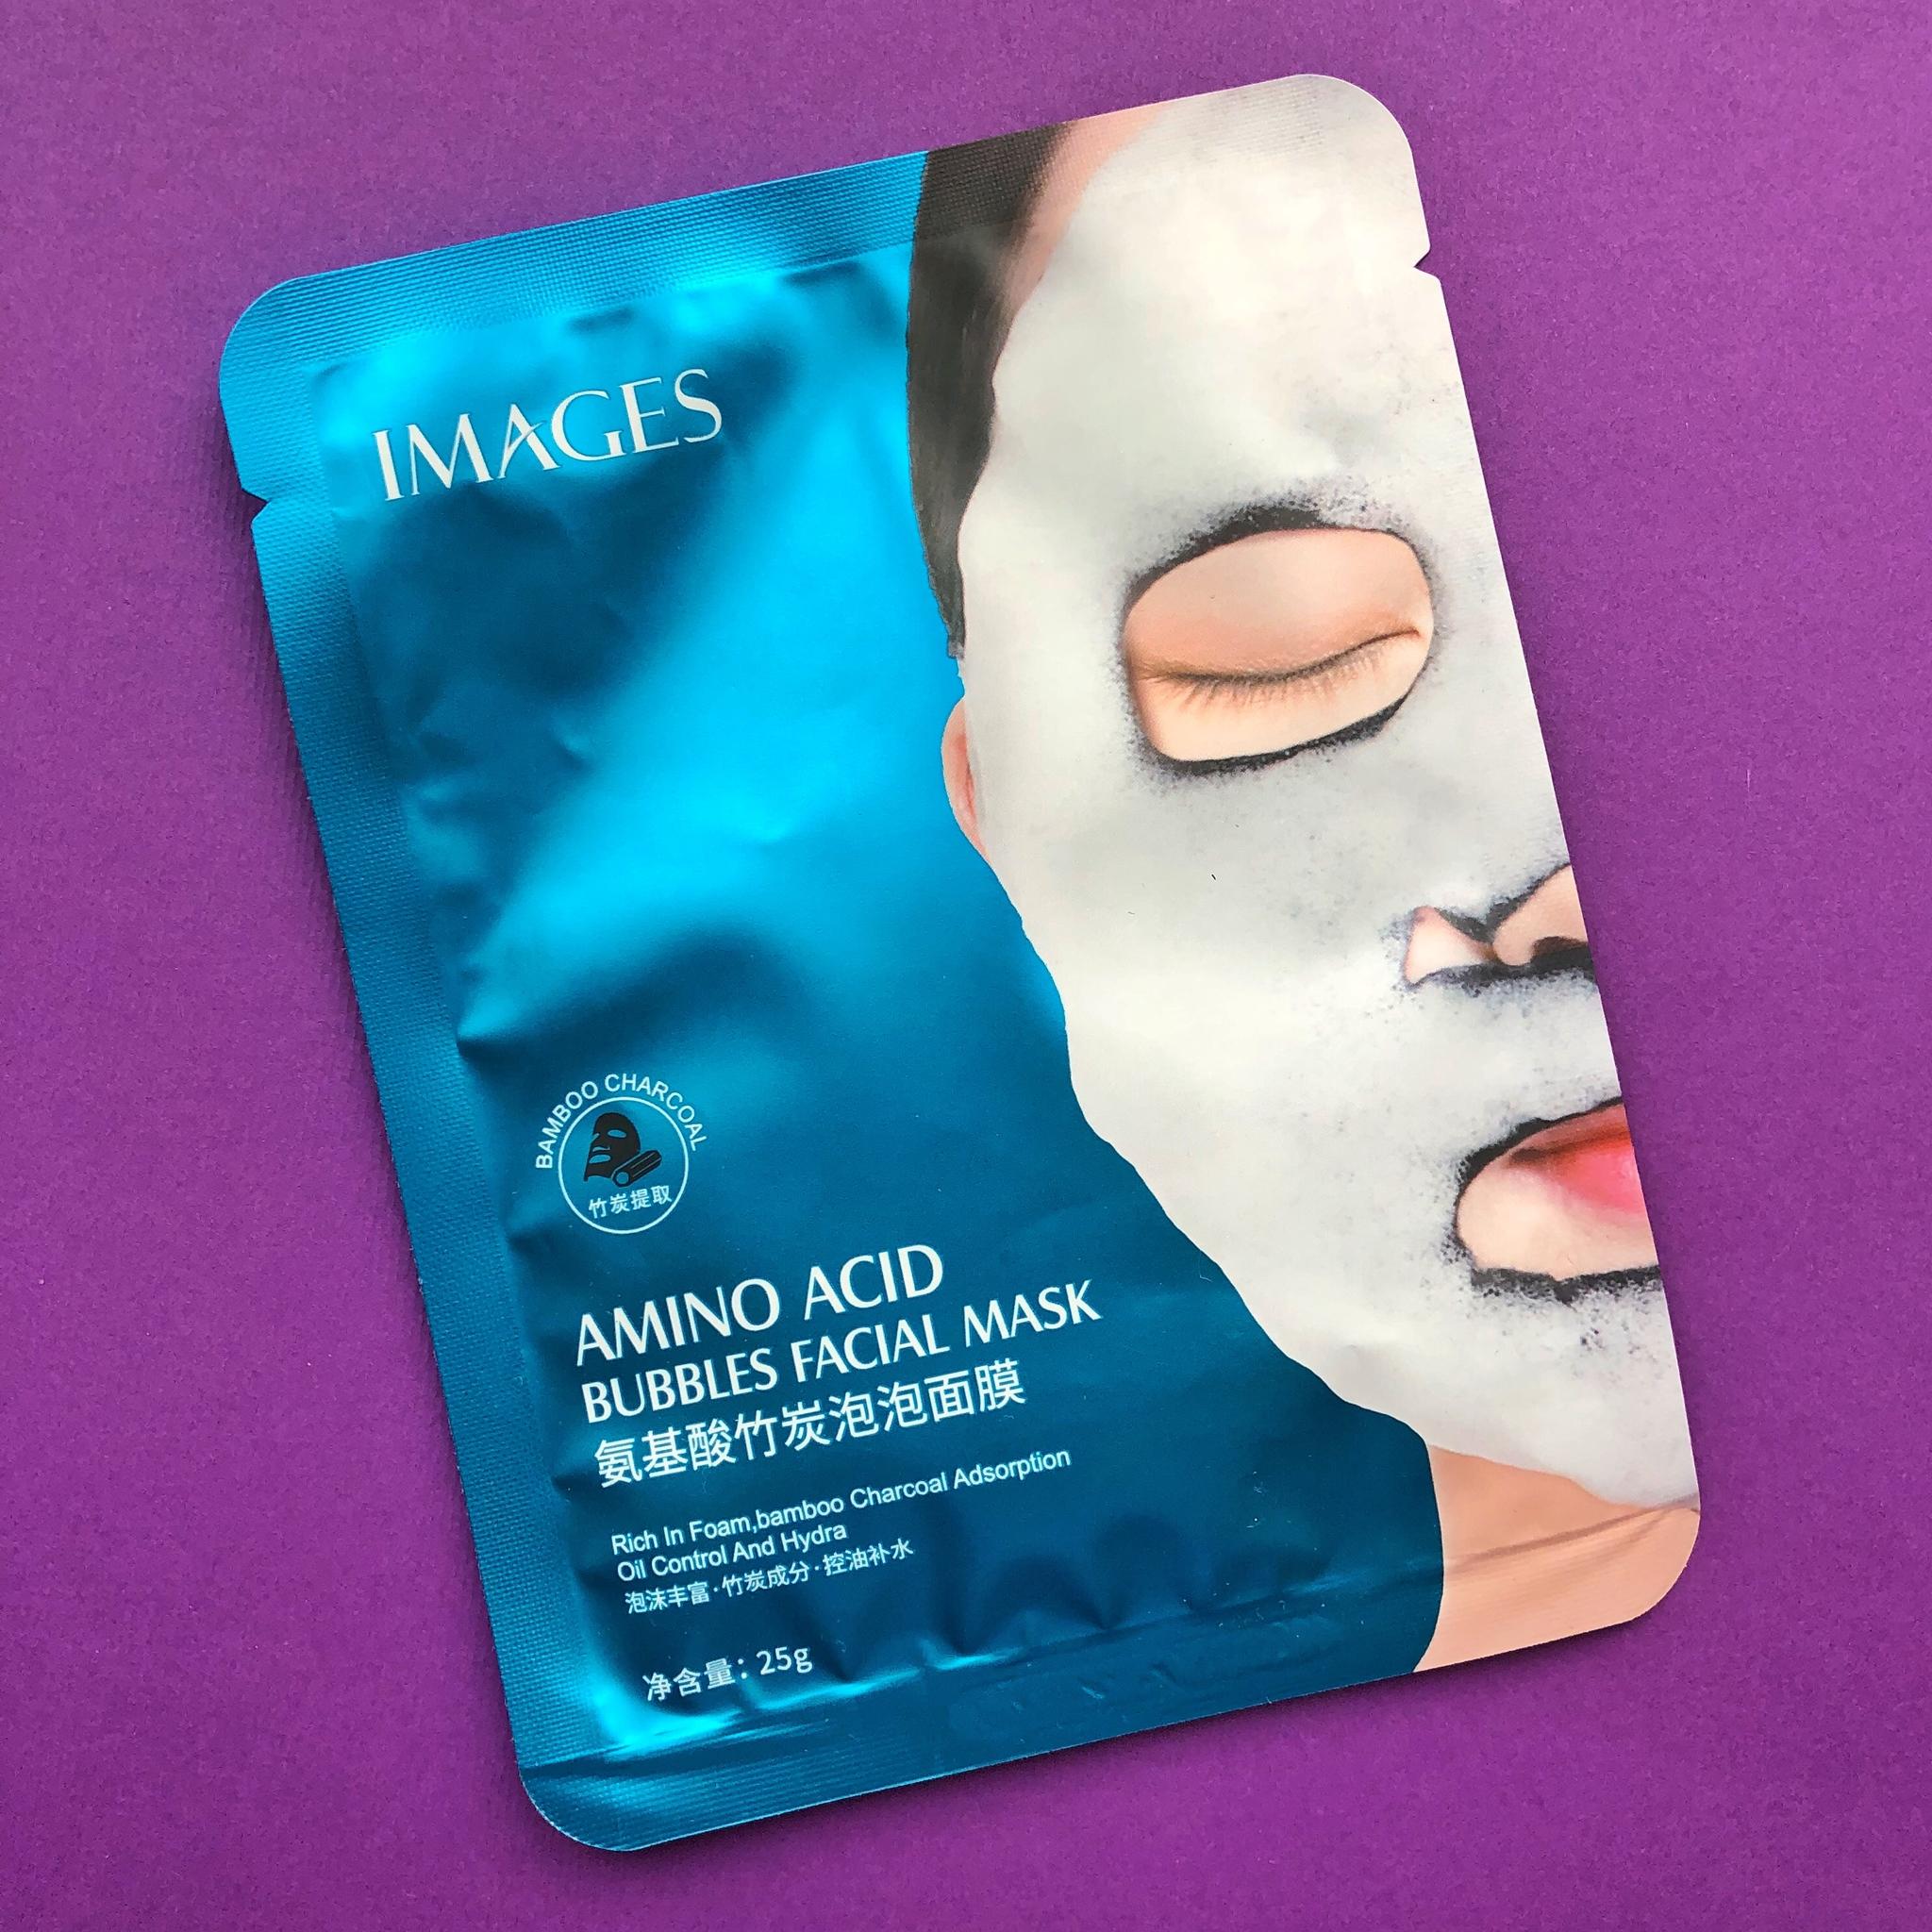 Тканевая пузырьковая маска IMAGES с добавлением бамбукового угля